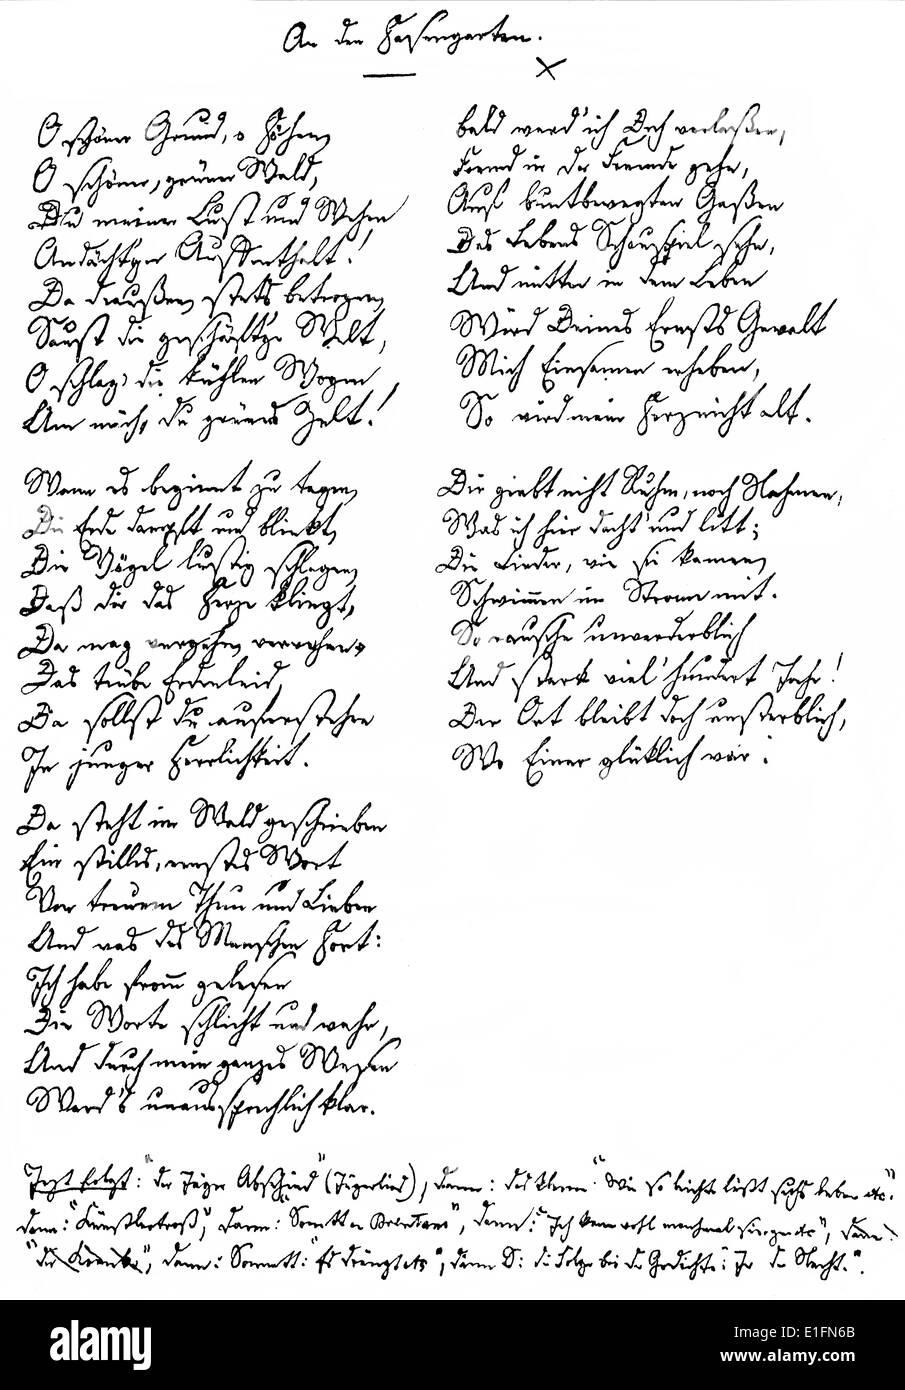 Abschied Handwritten Poem By Joseph Karl Benedikt Freiherr